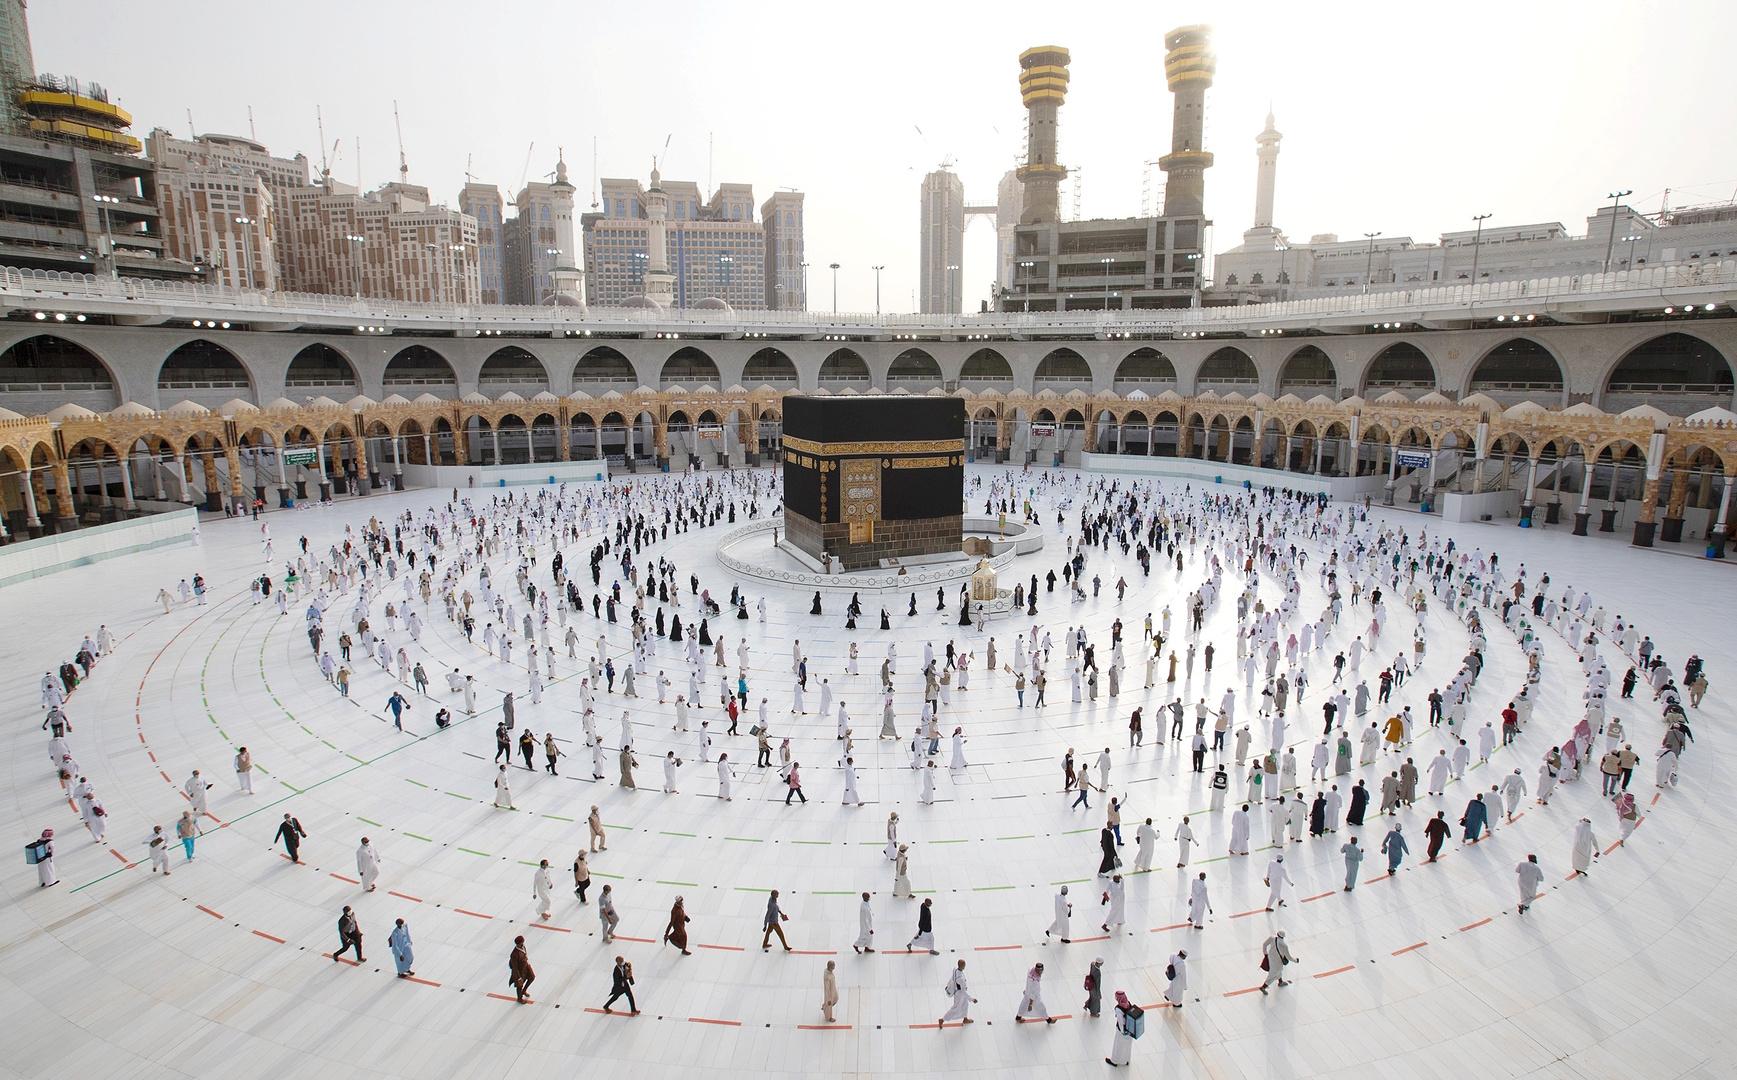 السعودية.. طلائع الحجاج يؤدون طواف القدوم وسط إجراءات احترازية مكثفة